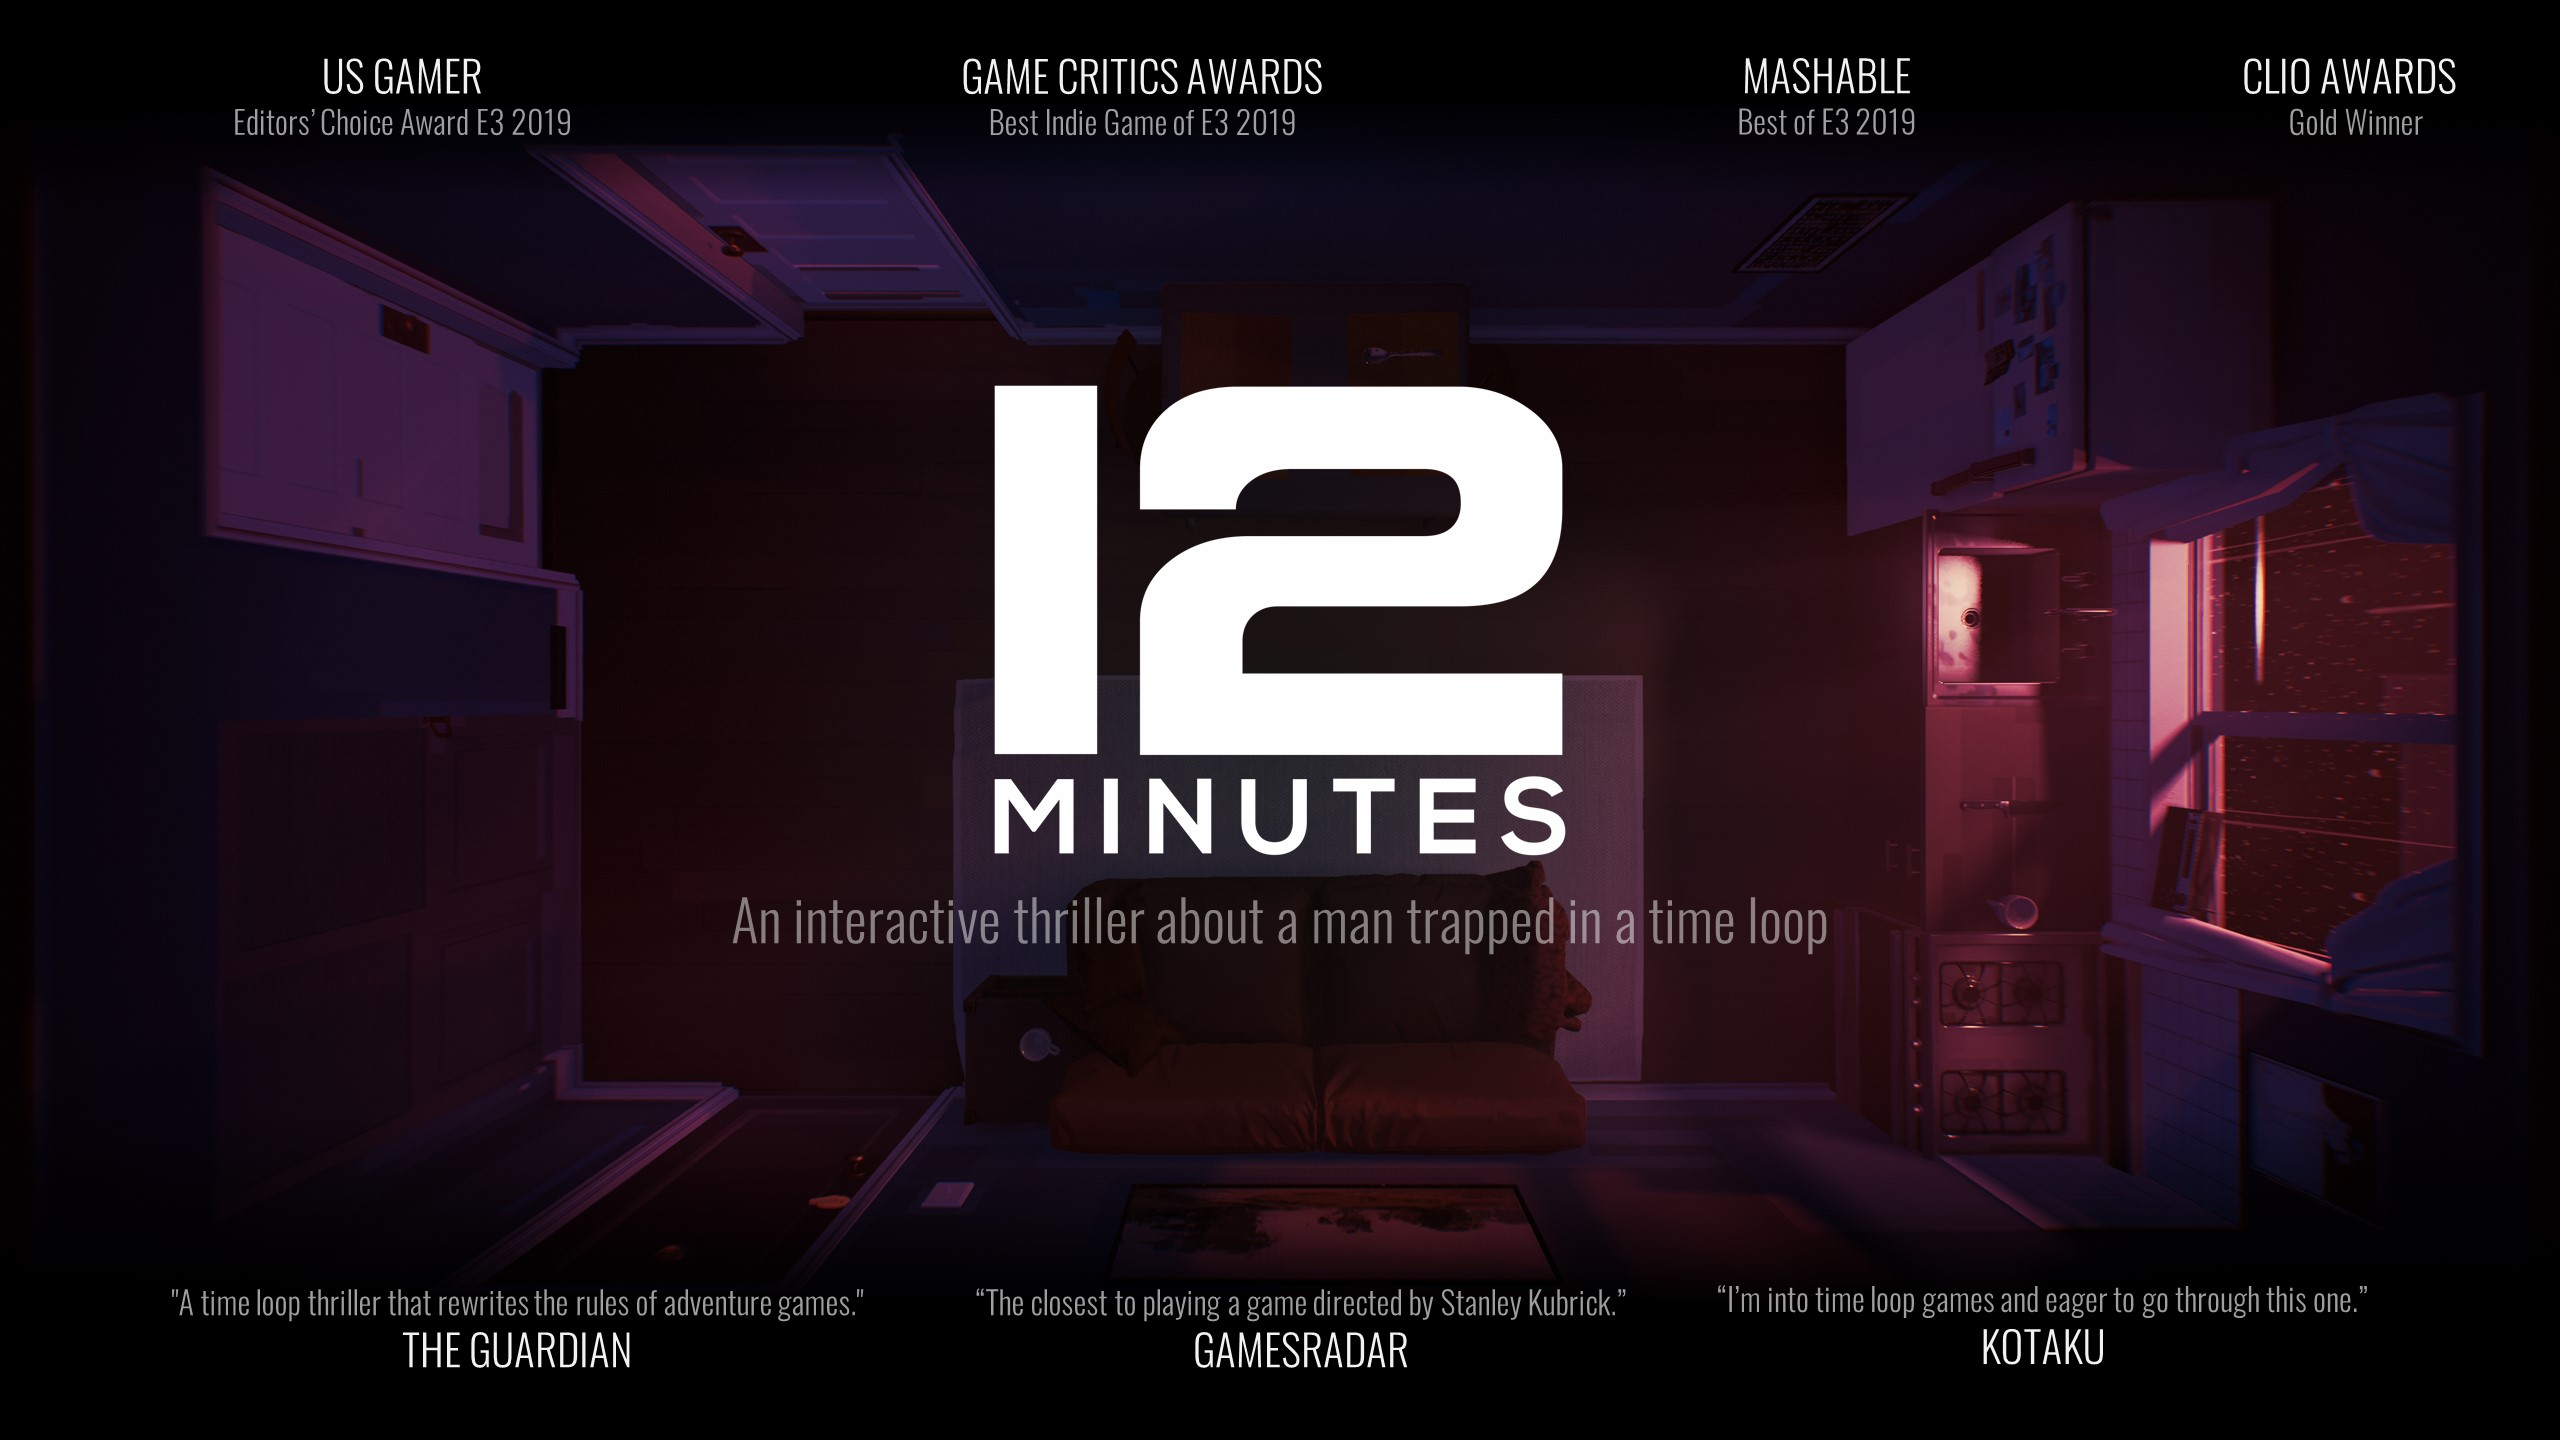 twelveminutesgame.com